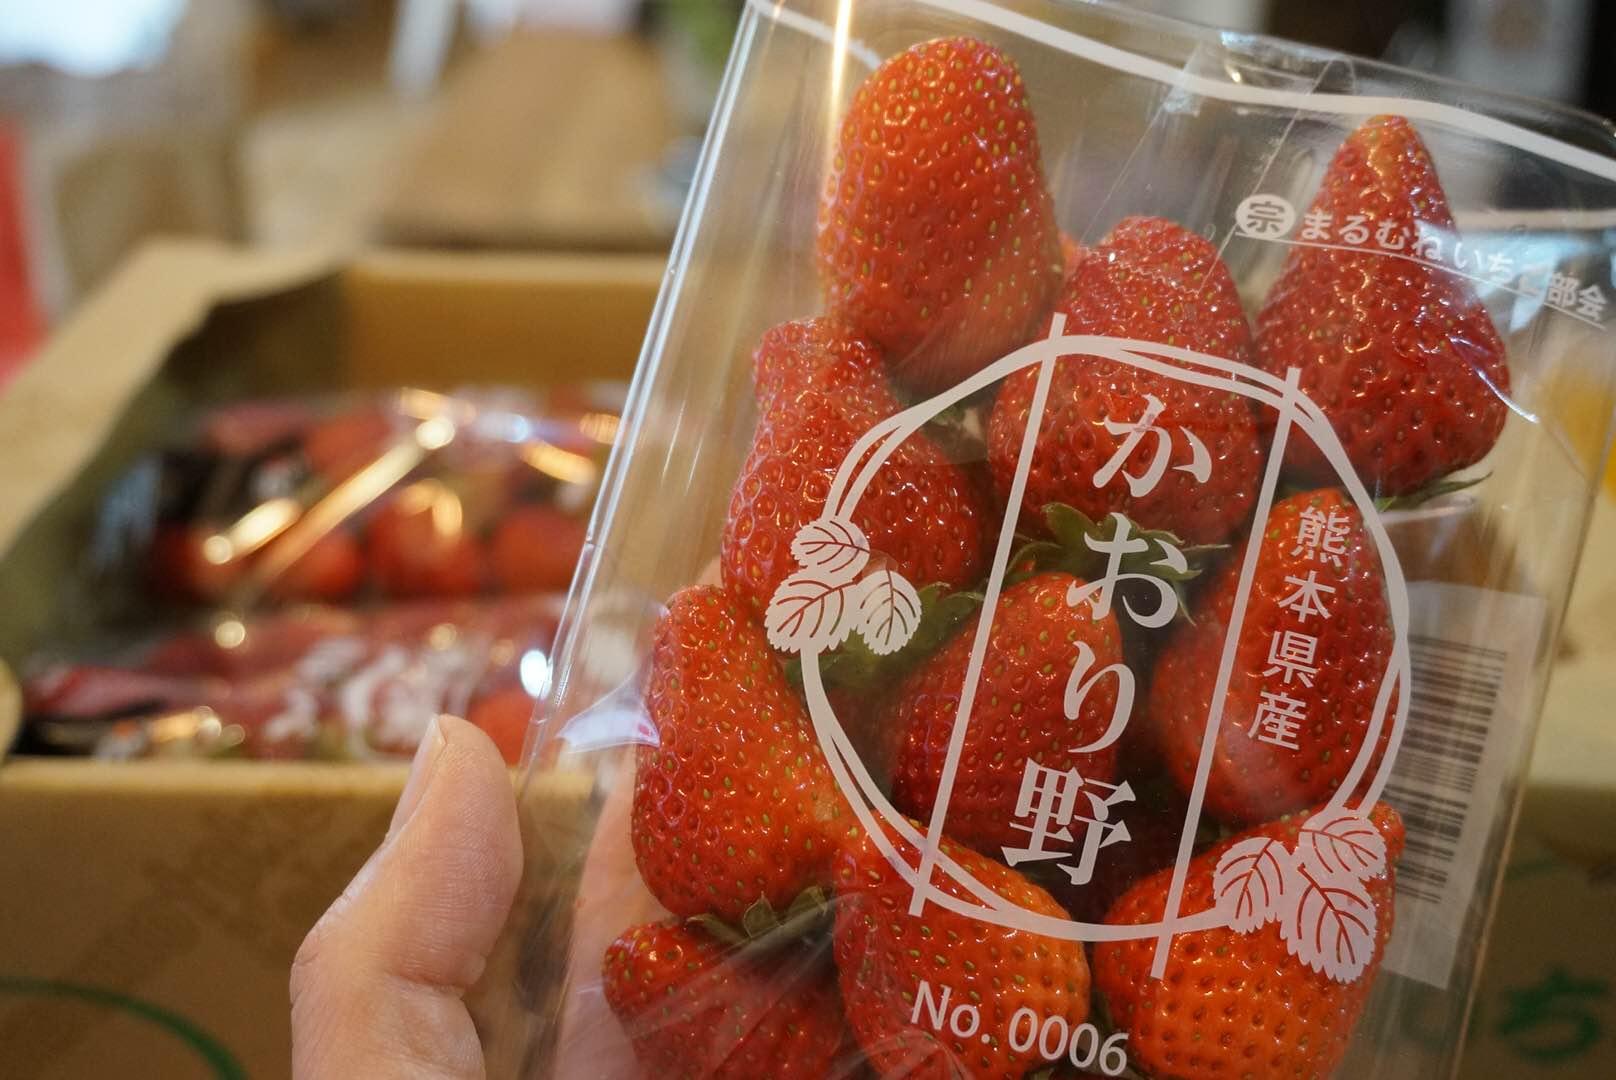 熊本県産 いちご かおり野